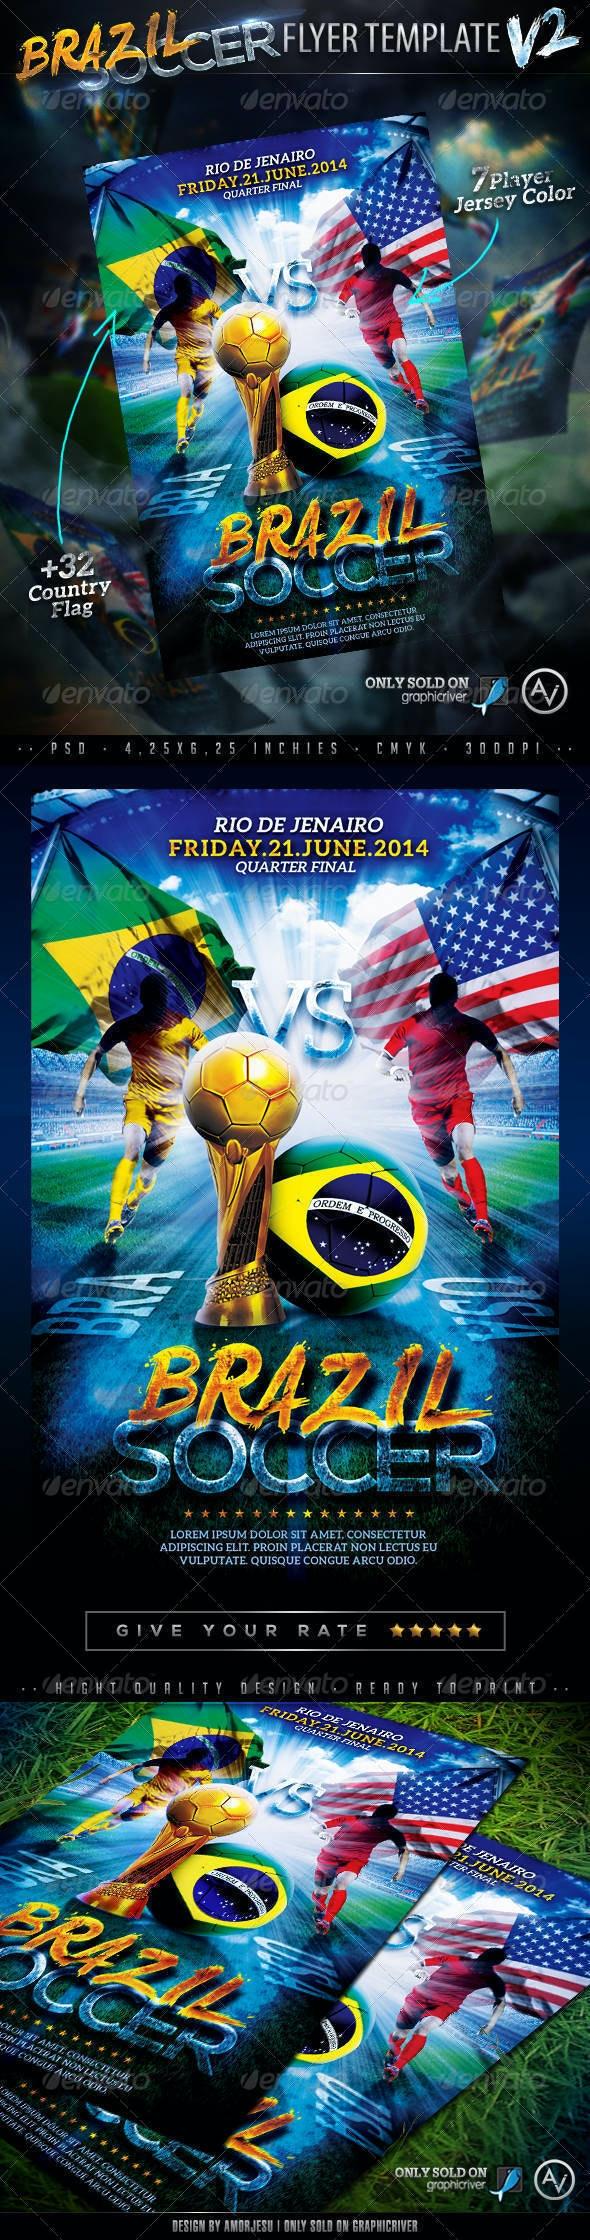 Brazil Soccer Flyer Template V2 - Sports Events